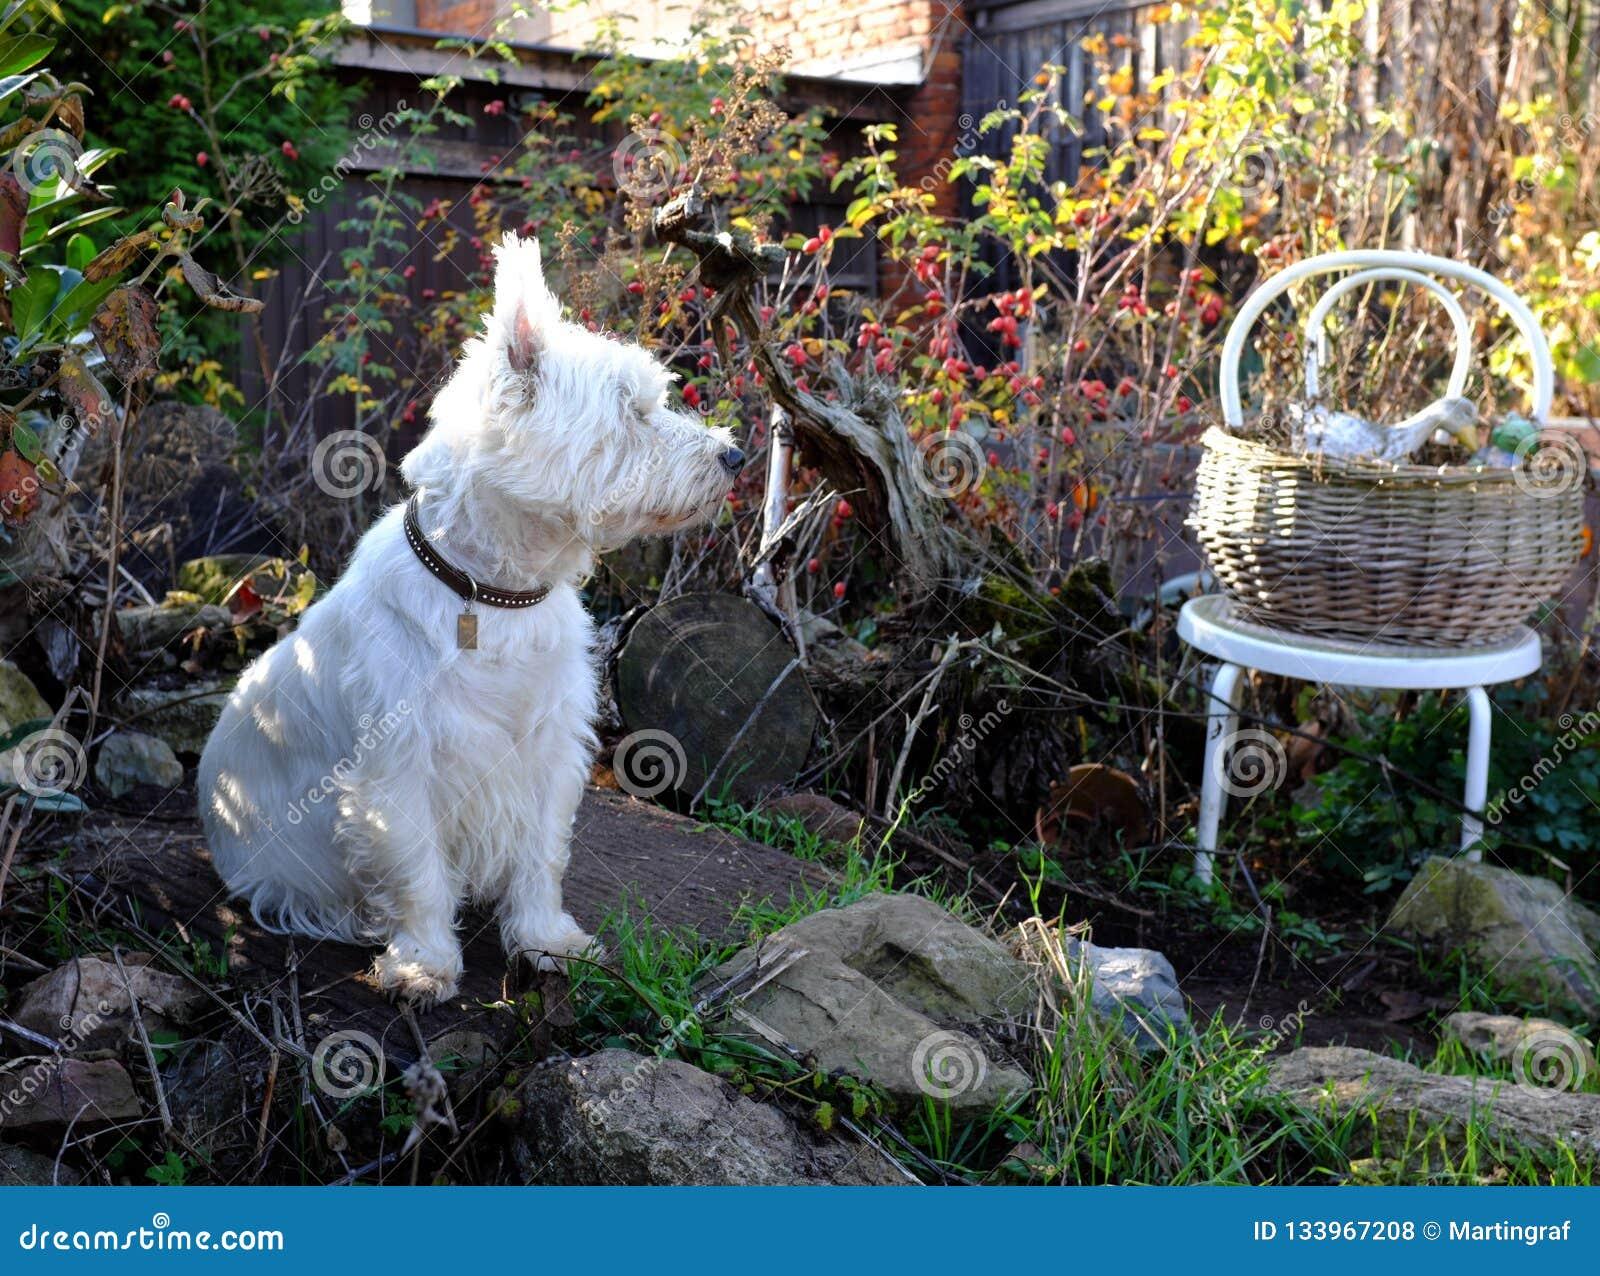 West Highland White Terrier dog in autumn garden